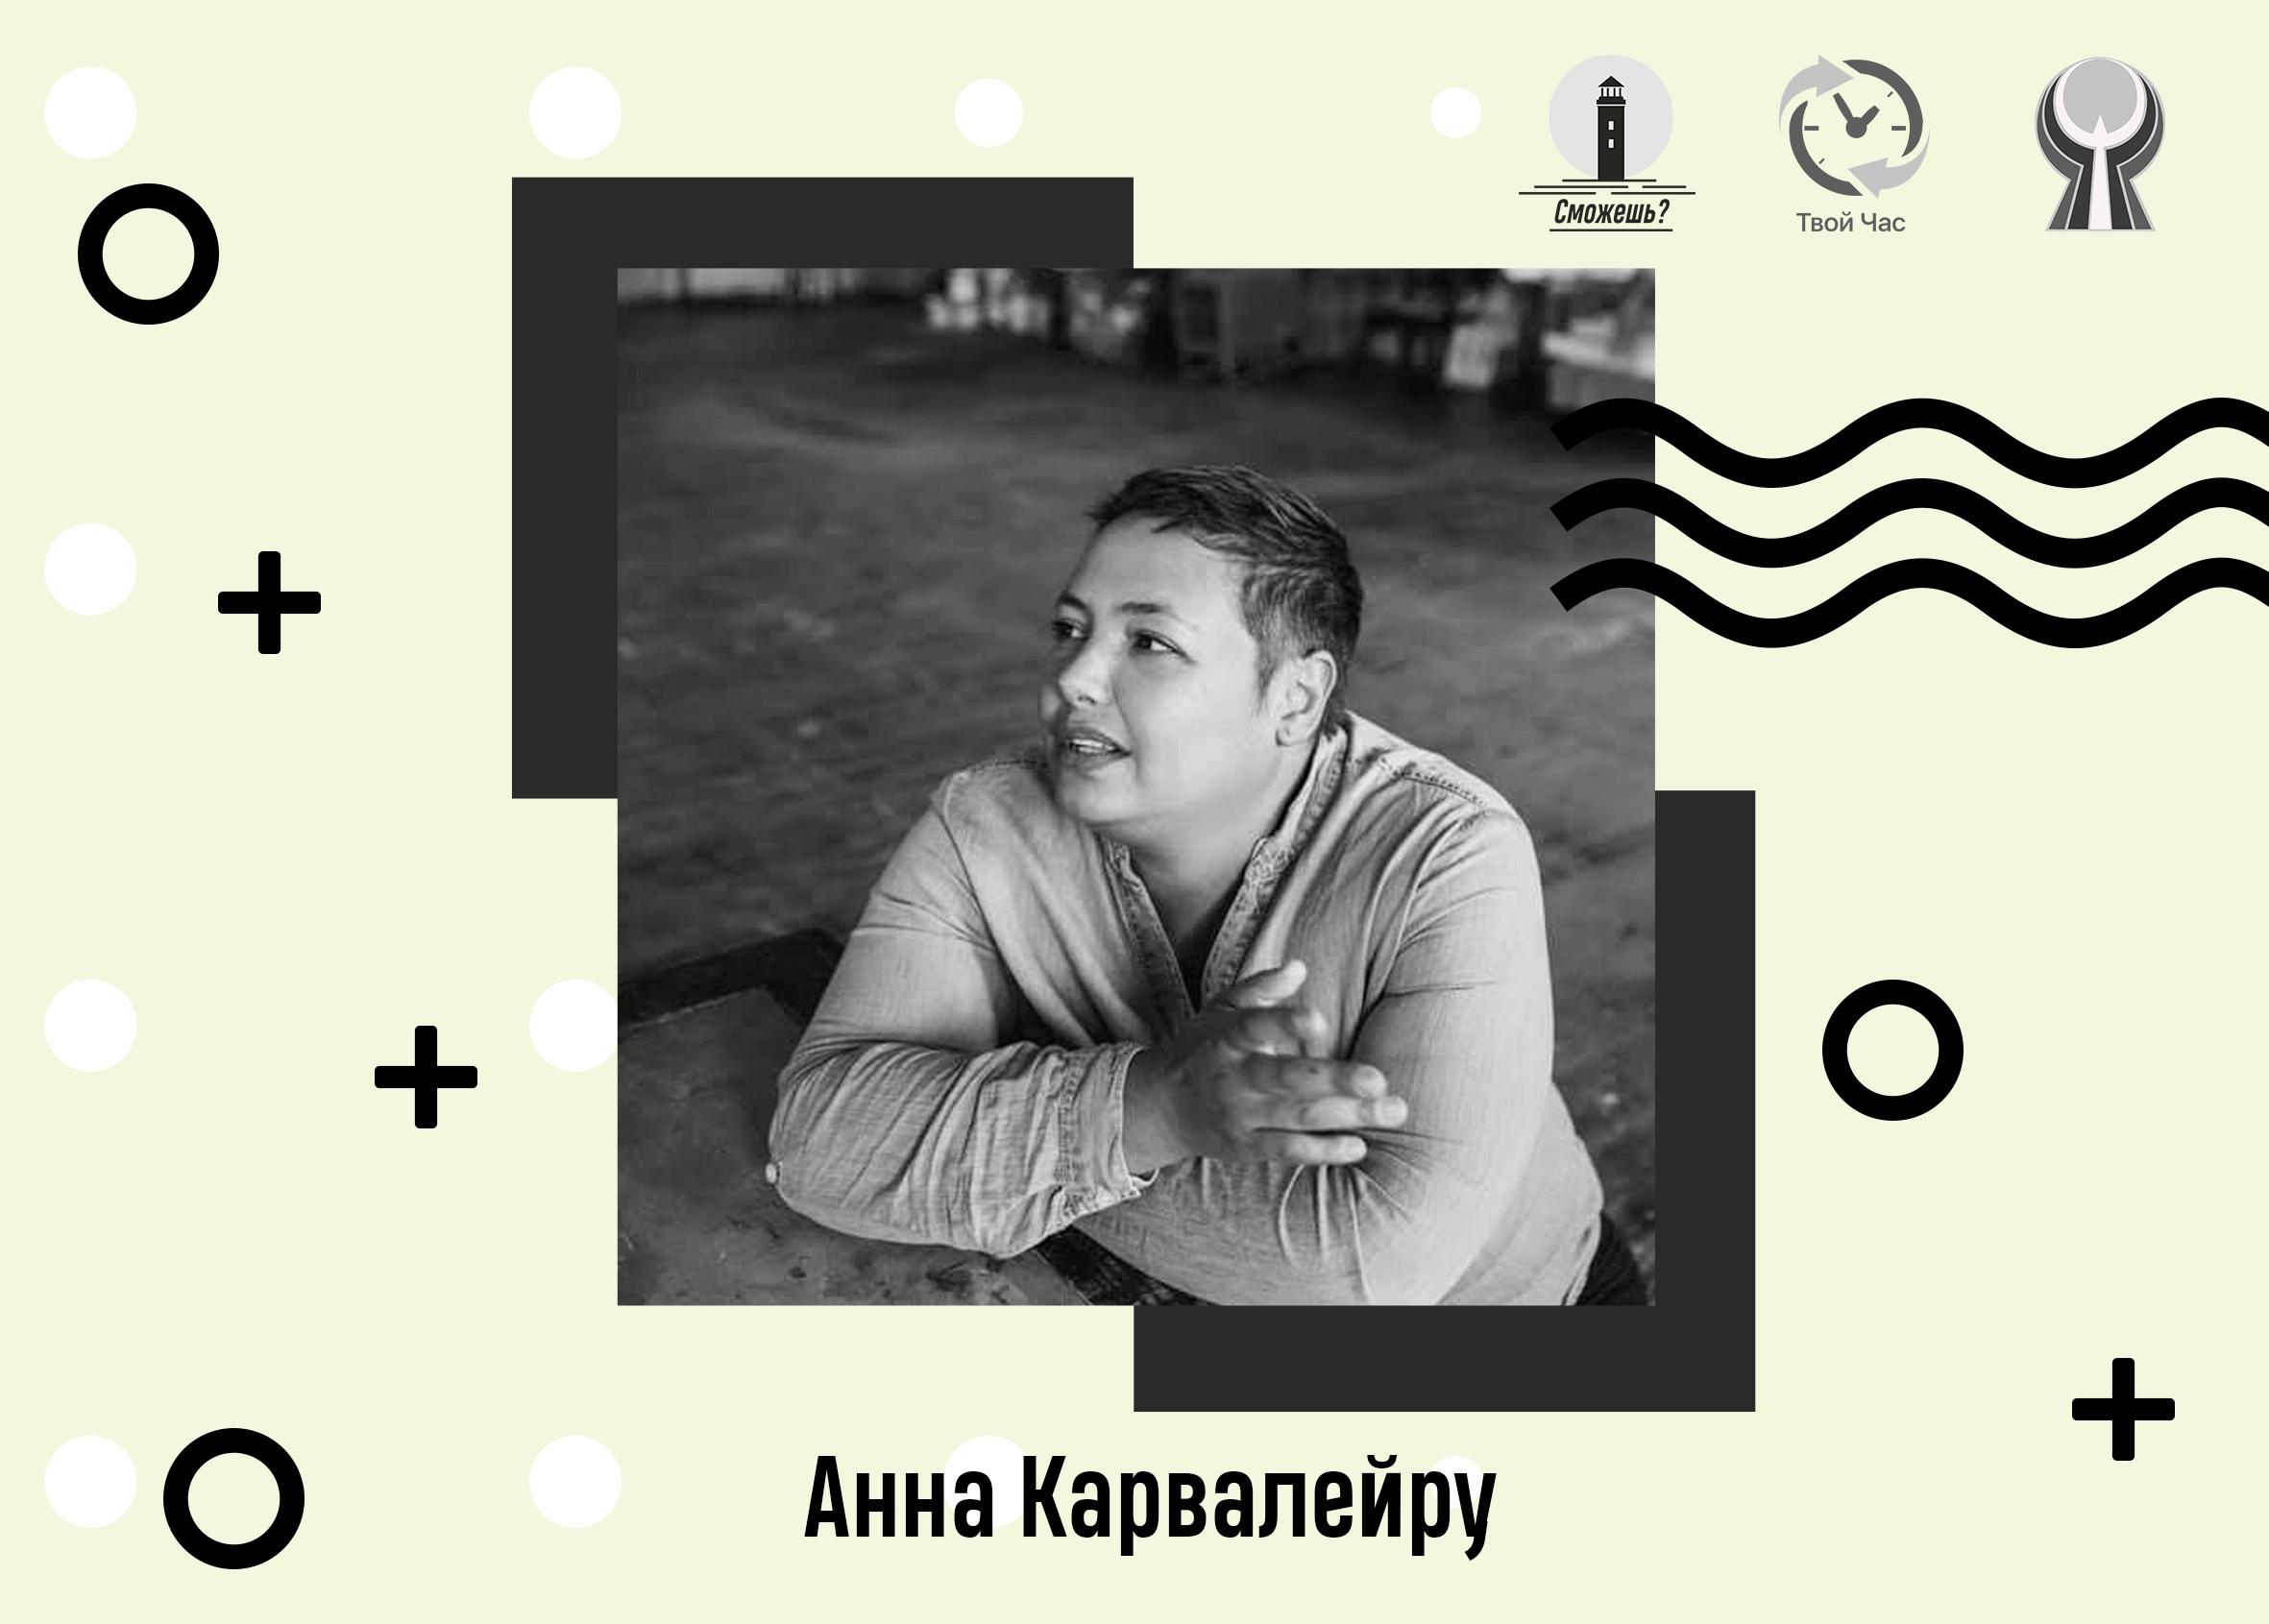 """Проект """"Сможешь?"""", лекция о фандрайзинге и социальном проектировании в сфере культуры от Анны Карвалейру @ Платформа  (ул.Марата,8, корп.4)"""